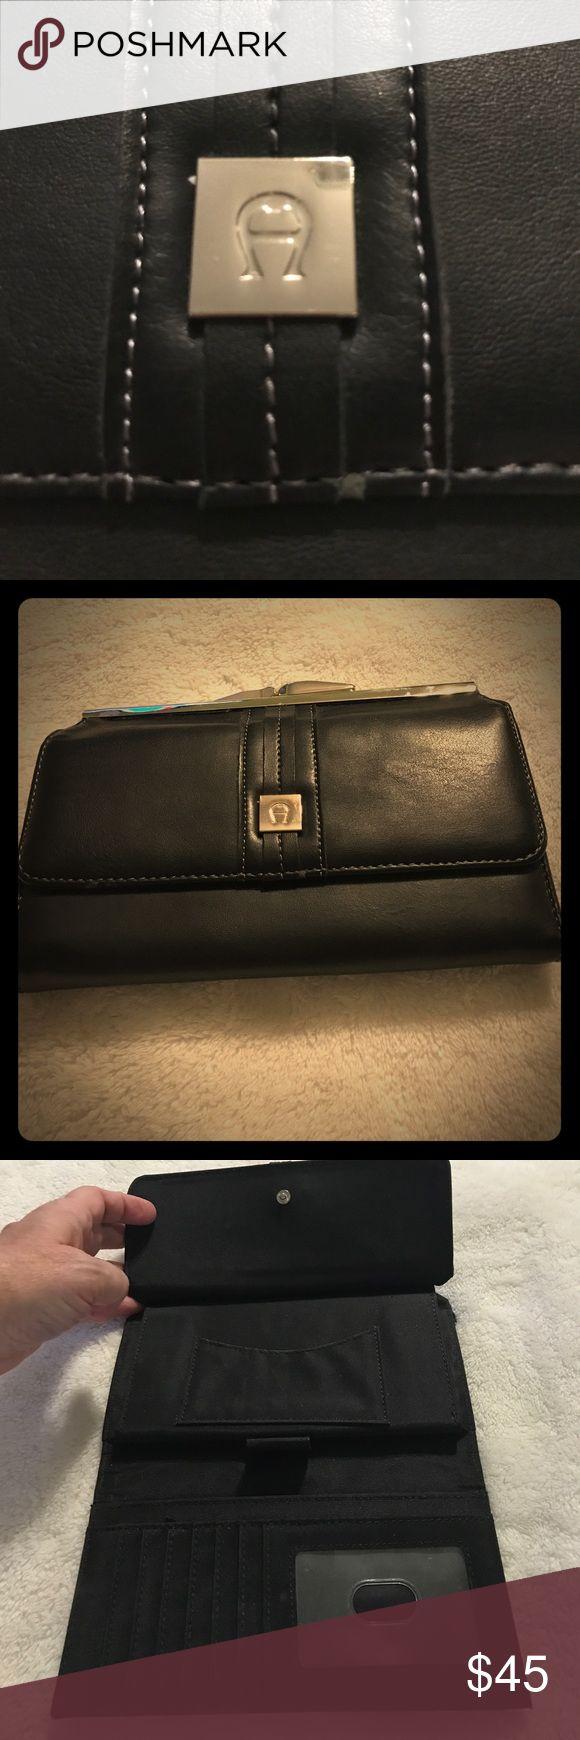 Vintage Etienne Aigner wallet in great condition. Vintage black Etienne Aigner wallet in gently used condition. Etienne Aigner Bags Wallets